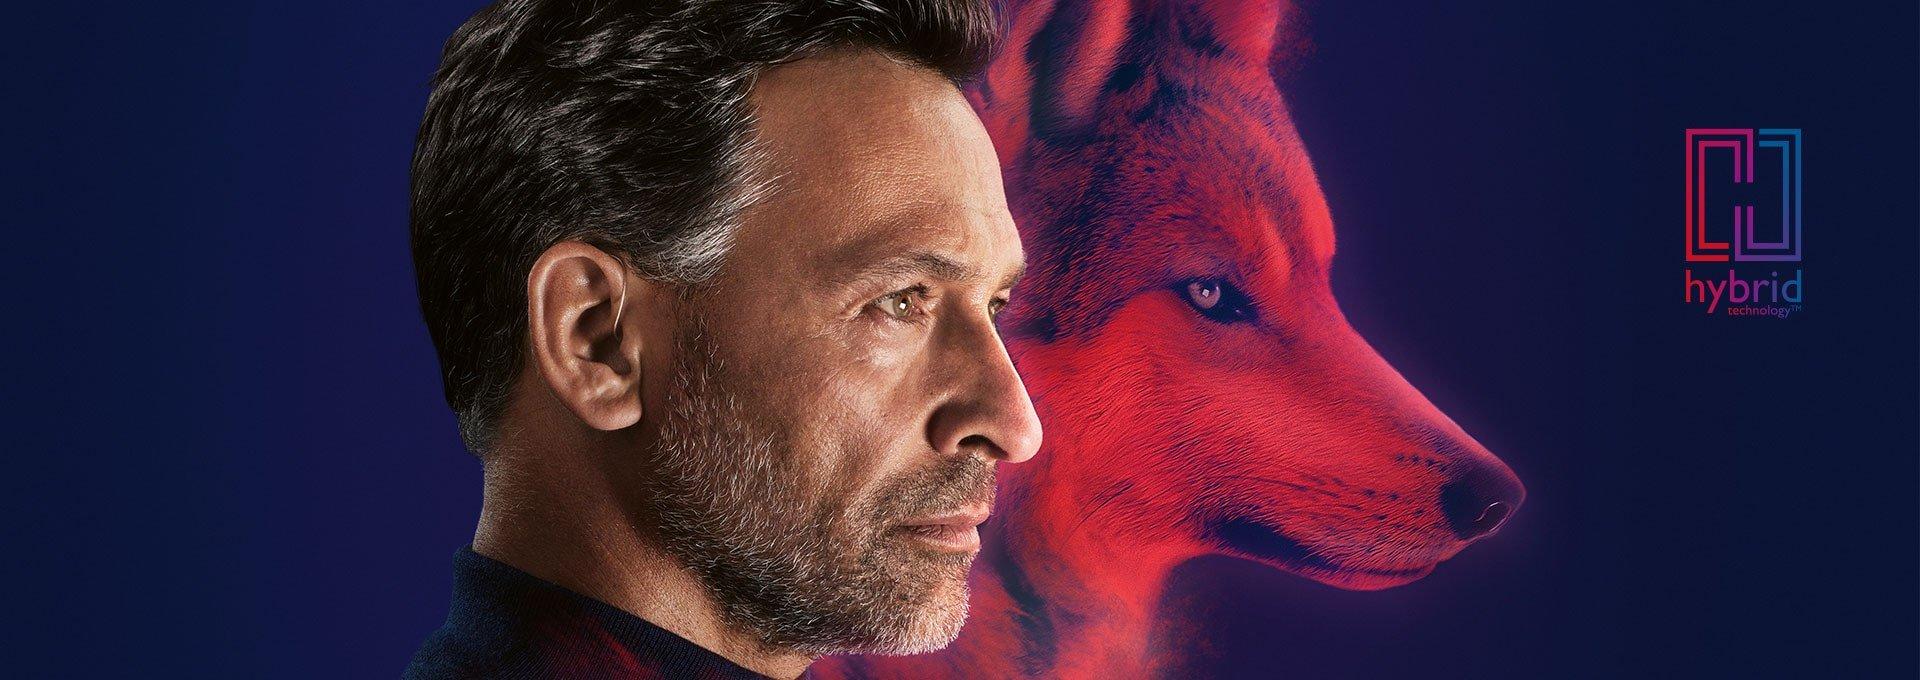 Человек с сильным боковым профилем, носящий перезаряжаемые слуховые аппараты Bernafon Alpha с рисунком логотипа wolf и hybrid technology